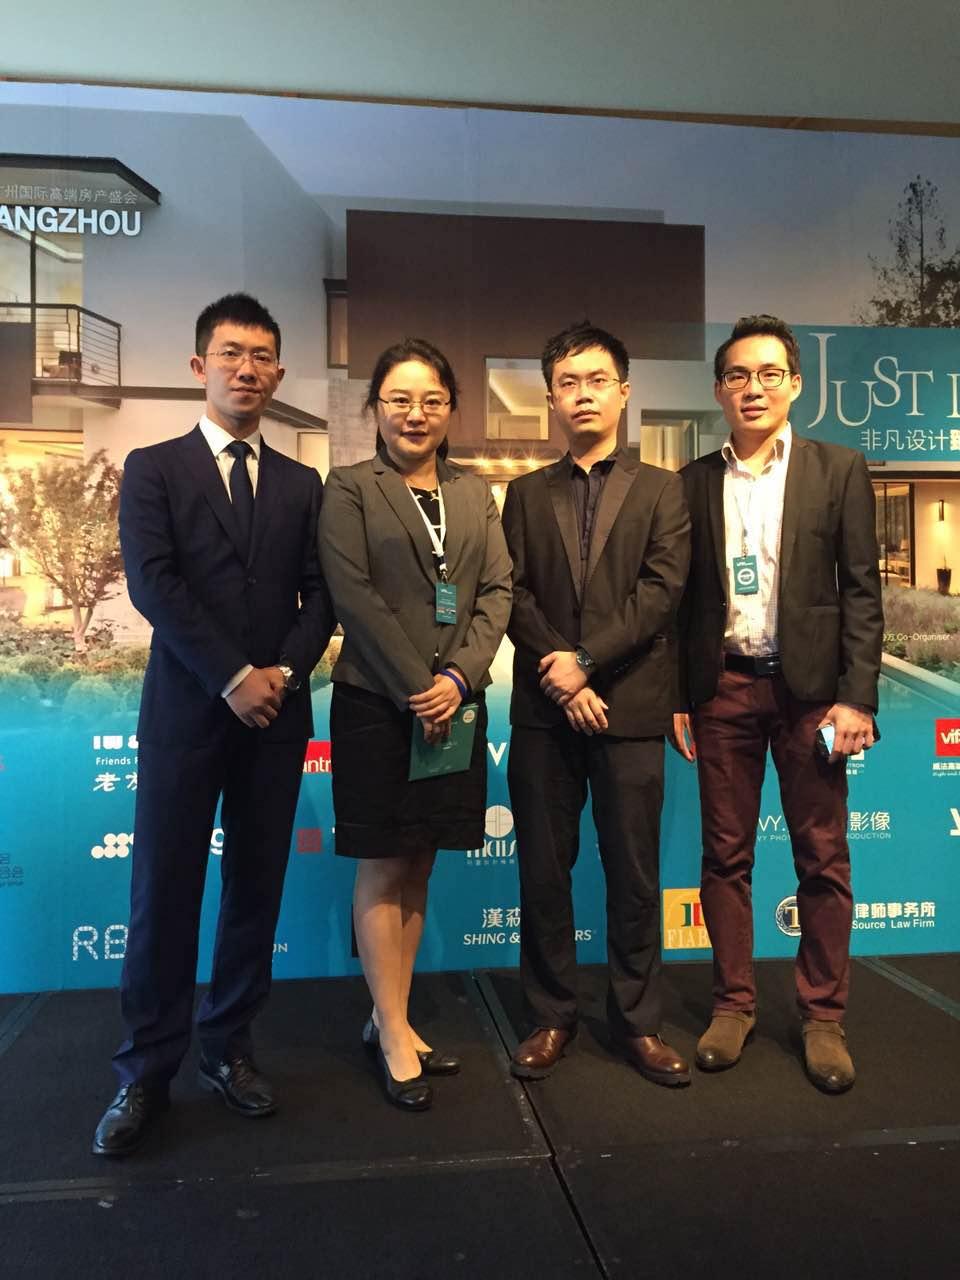 马俊哲律师参加国际会议合影